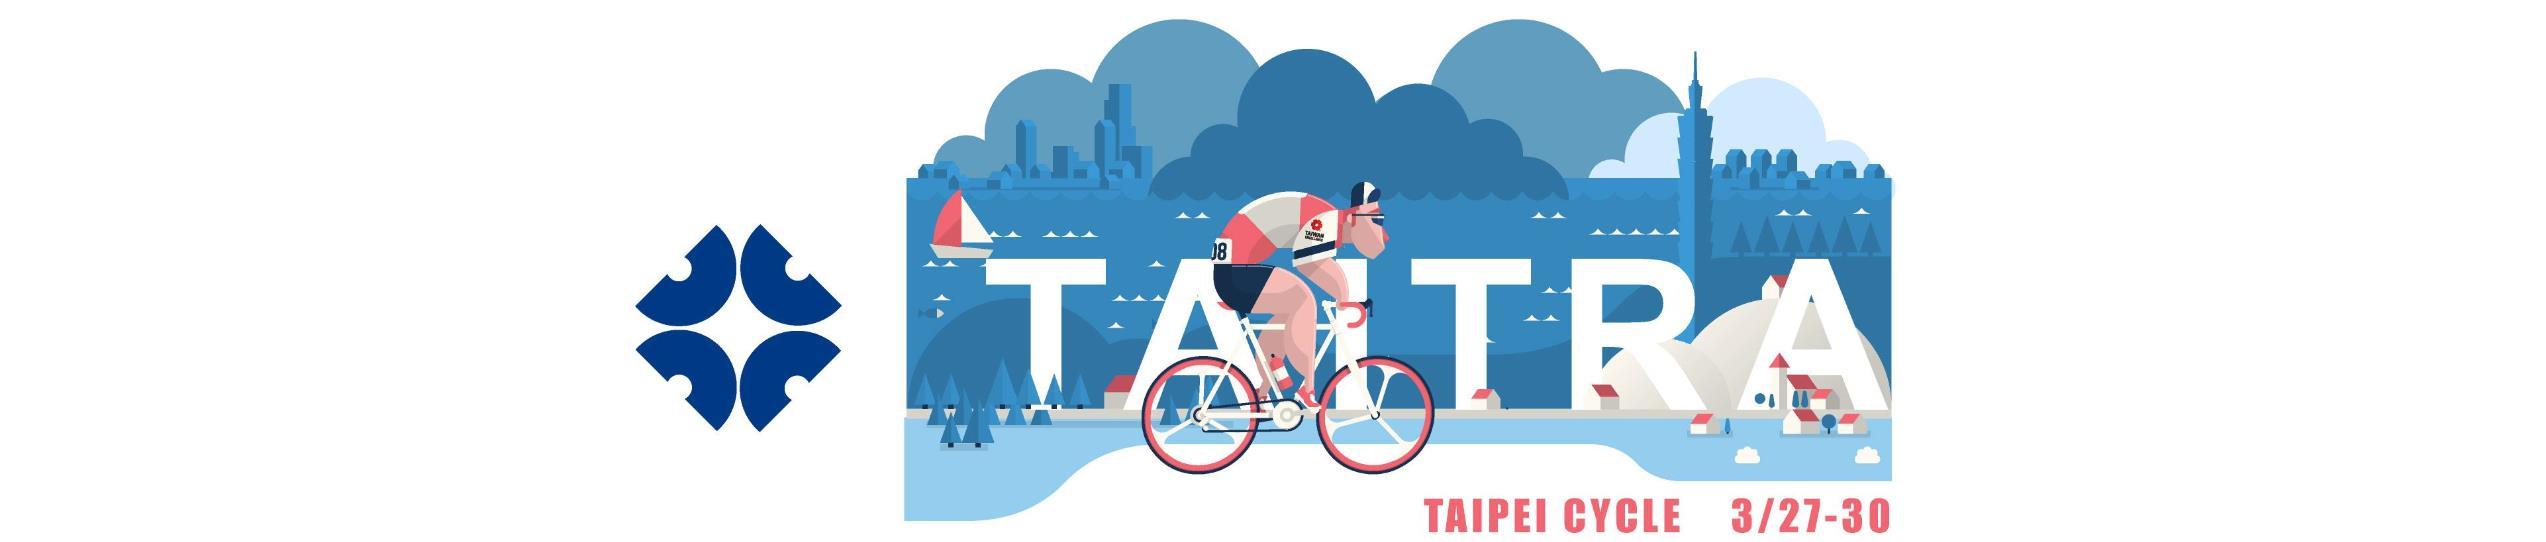 台北國際自行車展覽會(TAIPEI CYCLE)於3月27至30日熱鬧展開,歡迎蒞臨參觀!